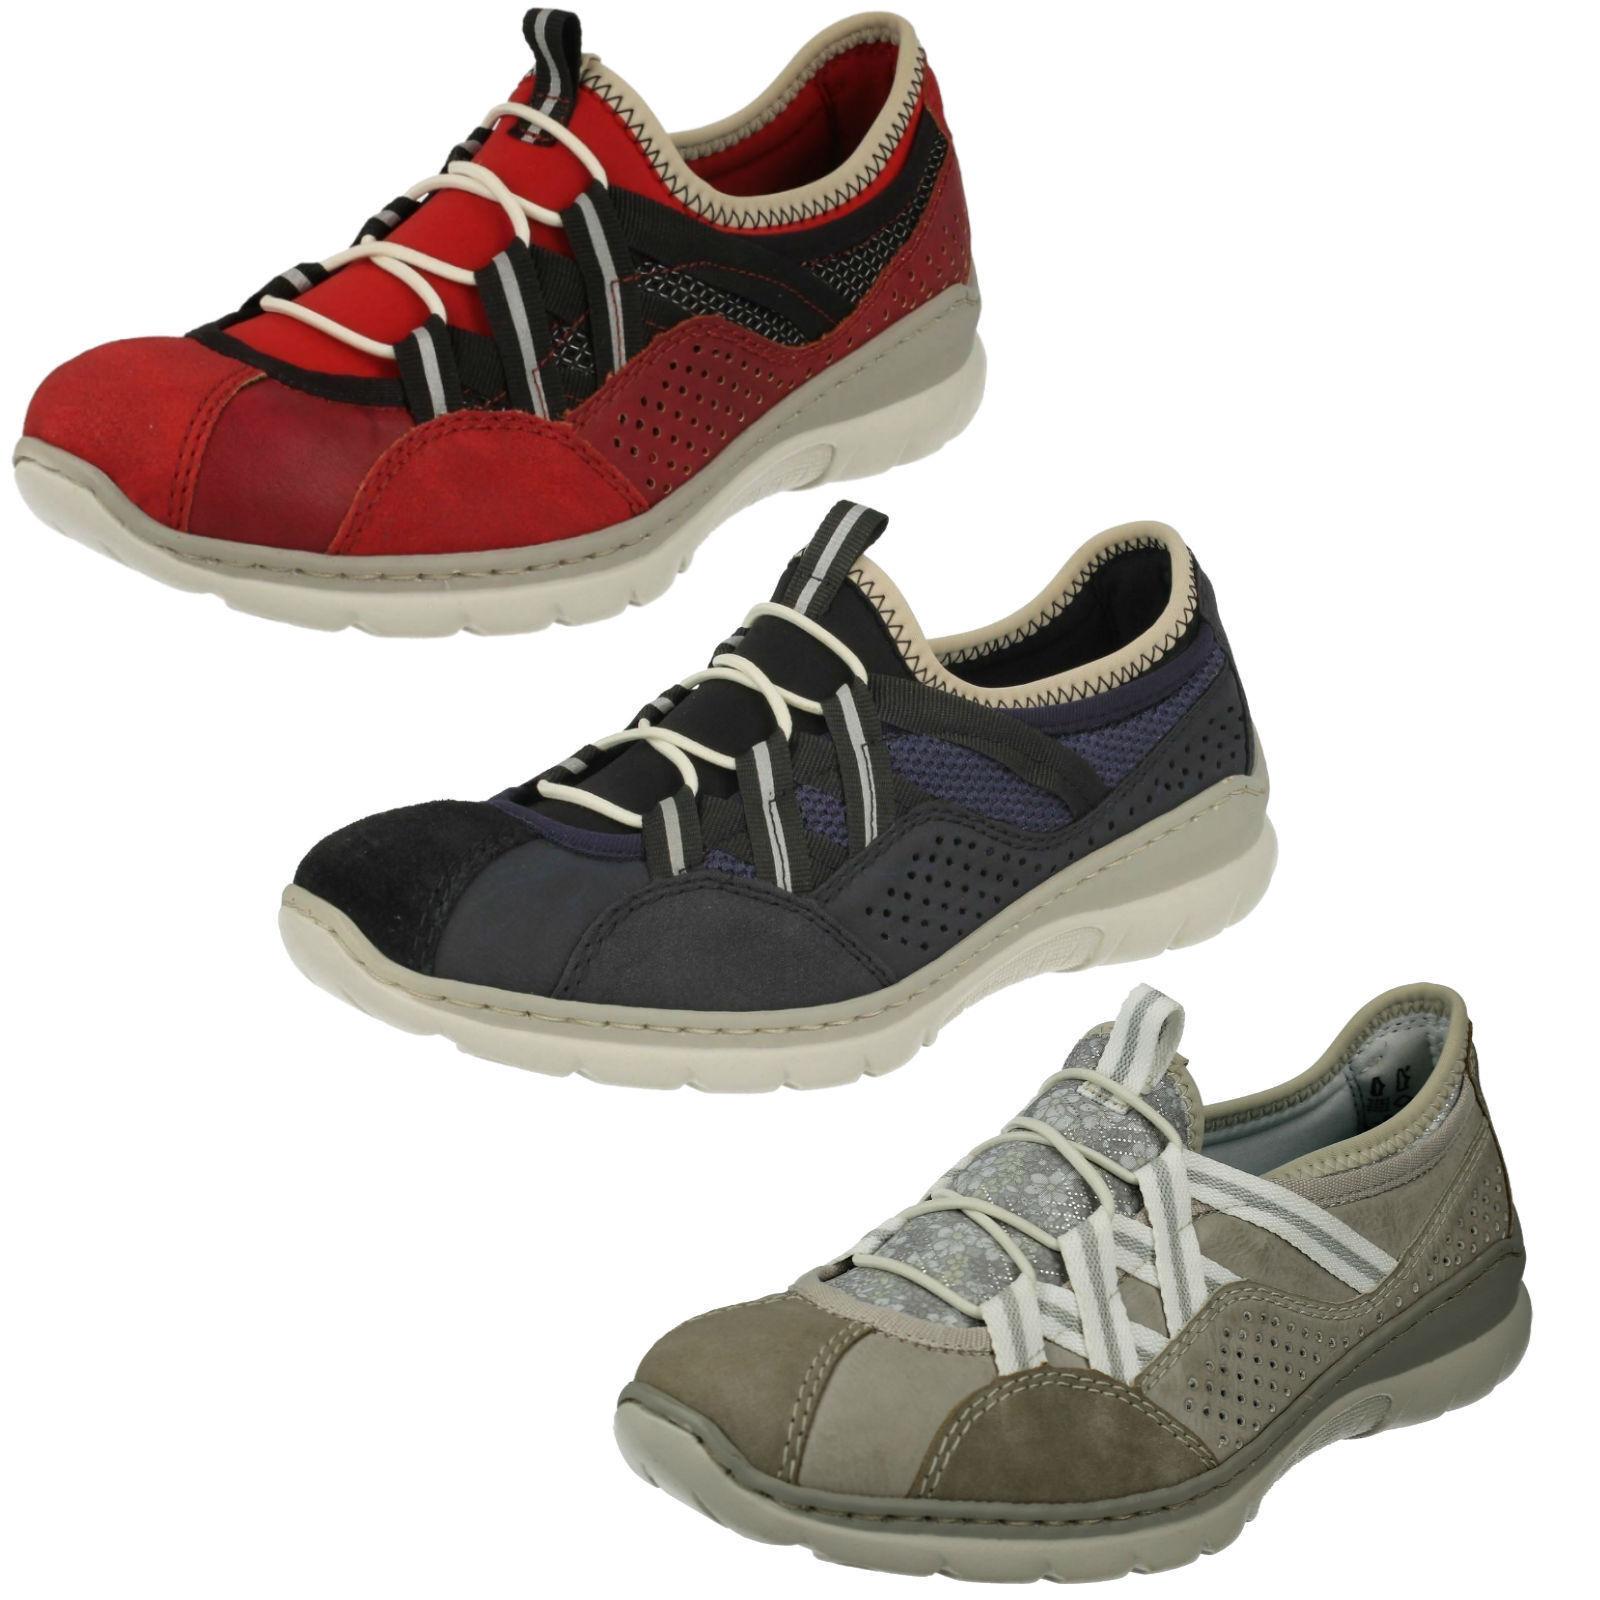 Rieker Damen Freizeitschuhe L3256 Günstige und gute Schuhe